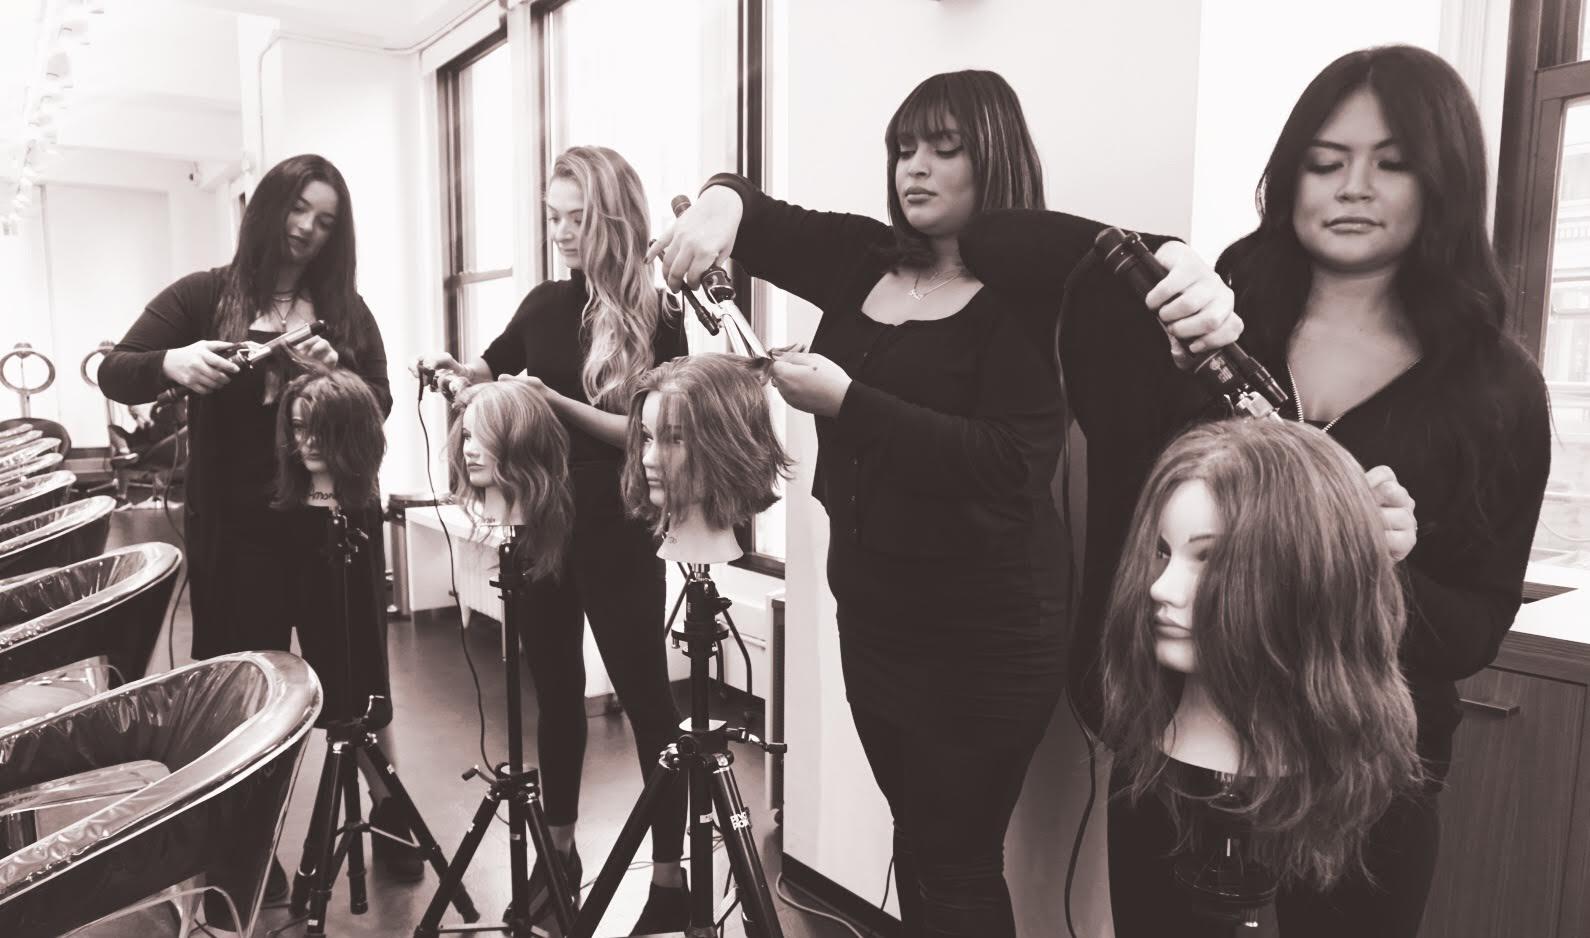 Apprentice Program - Hair models needed